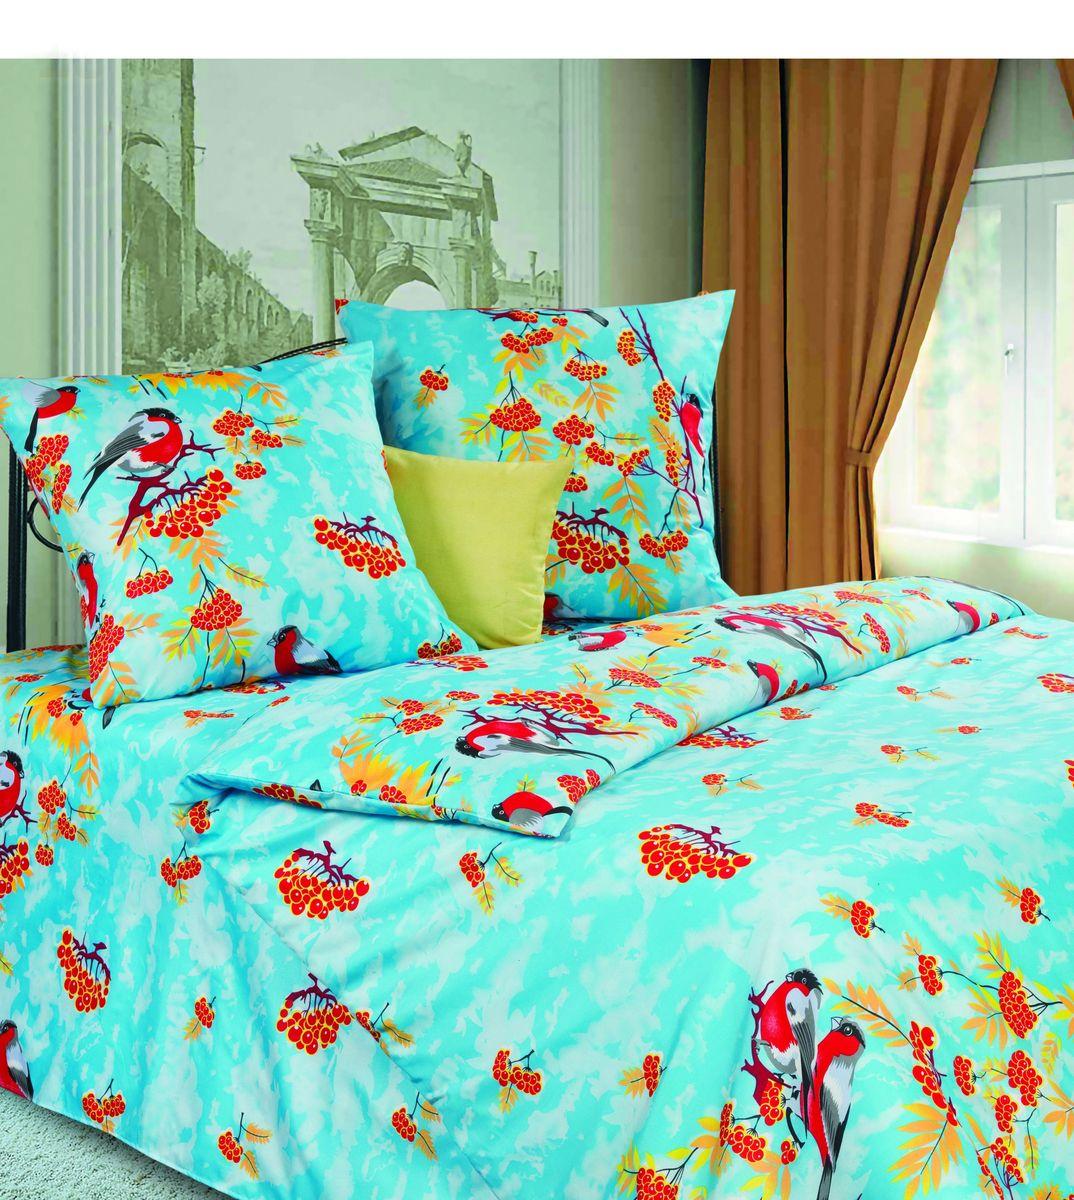 Комплект белья Guten Morgen Снегири, 2-спальный, наволочки 69х69PW-15-173-175-69Комплект постельного белья Guten Morgen Снегири, изготовленный из микрофибры (100% полиэстер), поможет вам расслабиться и подарит спокойный сон. Комплект состоит из пододеяльника, простыни и двух наволочек.Благодаря такому комплекту постельного белья вы сможете создать атмосферу уюта и комфорта в вашей спальне. Ткань микрофибра - новая технология в производстве постельного белья. Тонкие волокна, используемые в ткани, производят путем переработки полиамида и полиэстера. Такая нить не впитывает влагу, как хлопок, а пропускает ее через себя, и влага быстро испаряется. Изделие не деформируется и хорошо держит форму.